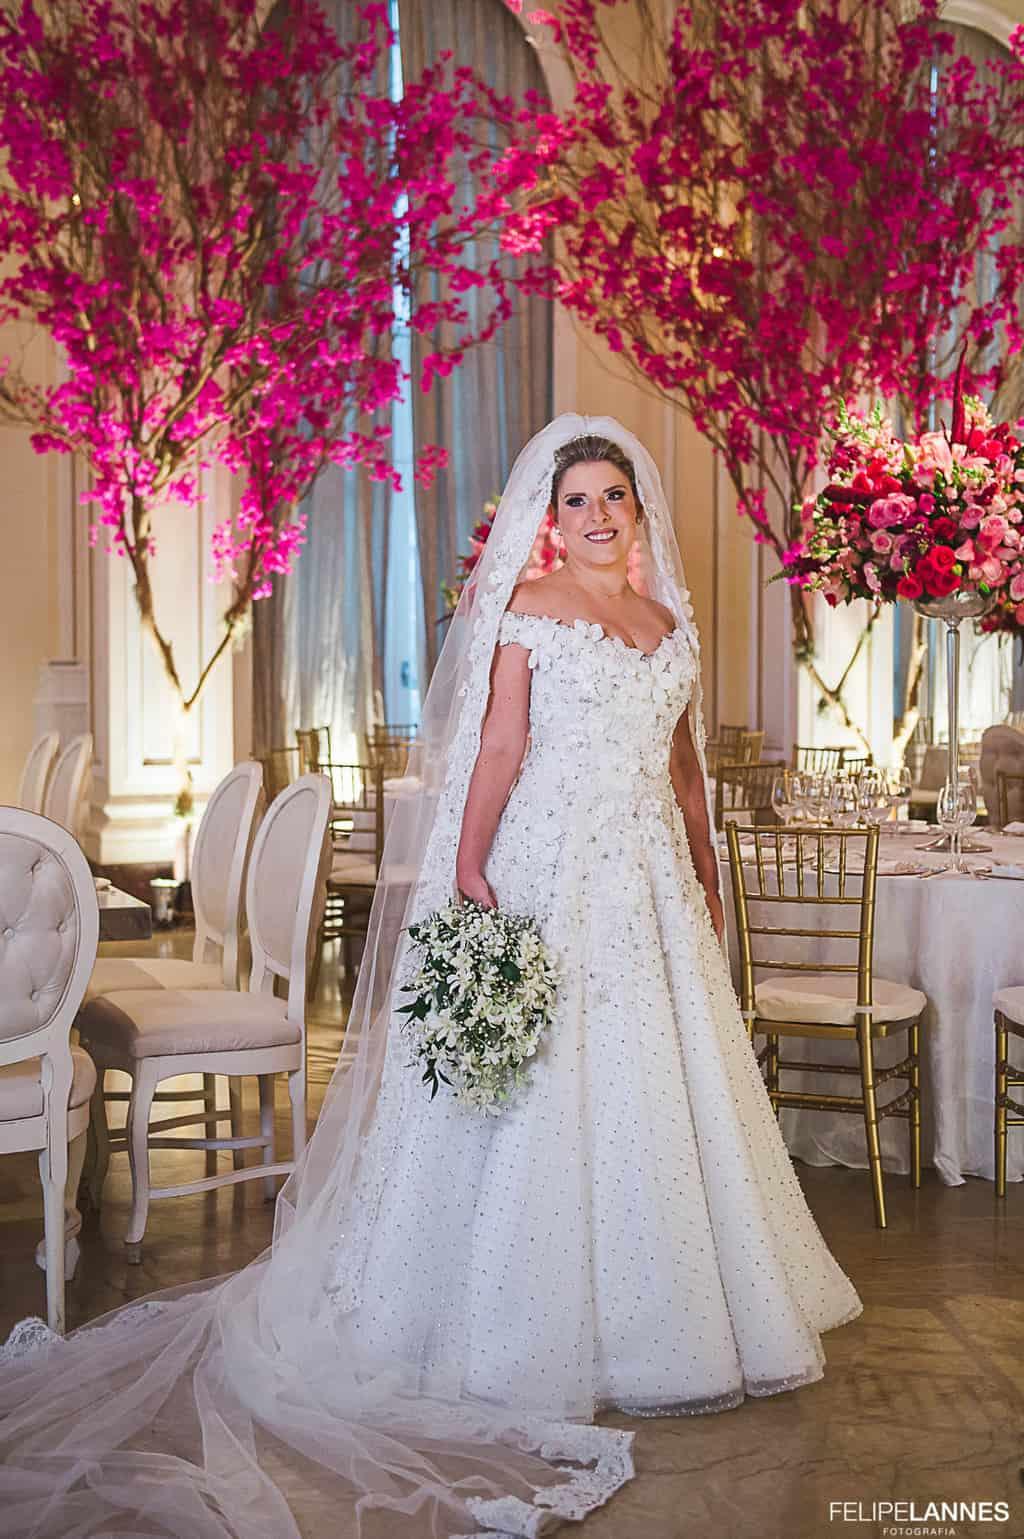 Casamento-Beatrice-e-Luiz-Augusto-casamento-classico-fotografia-Felipe-Lannes-noiva9